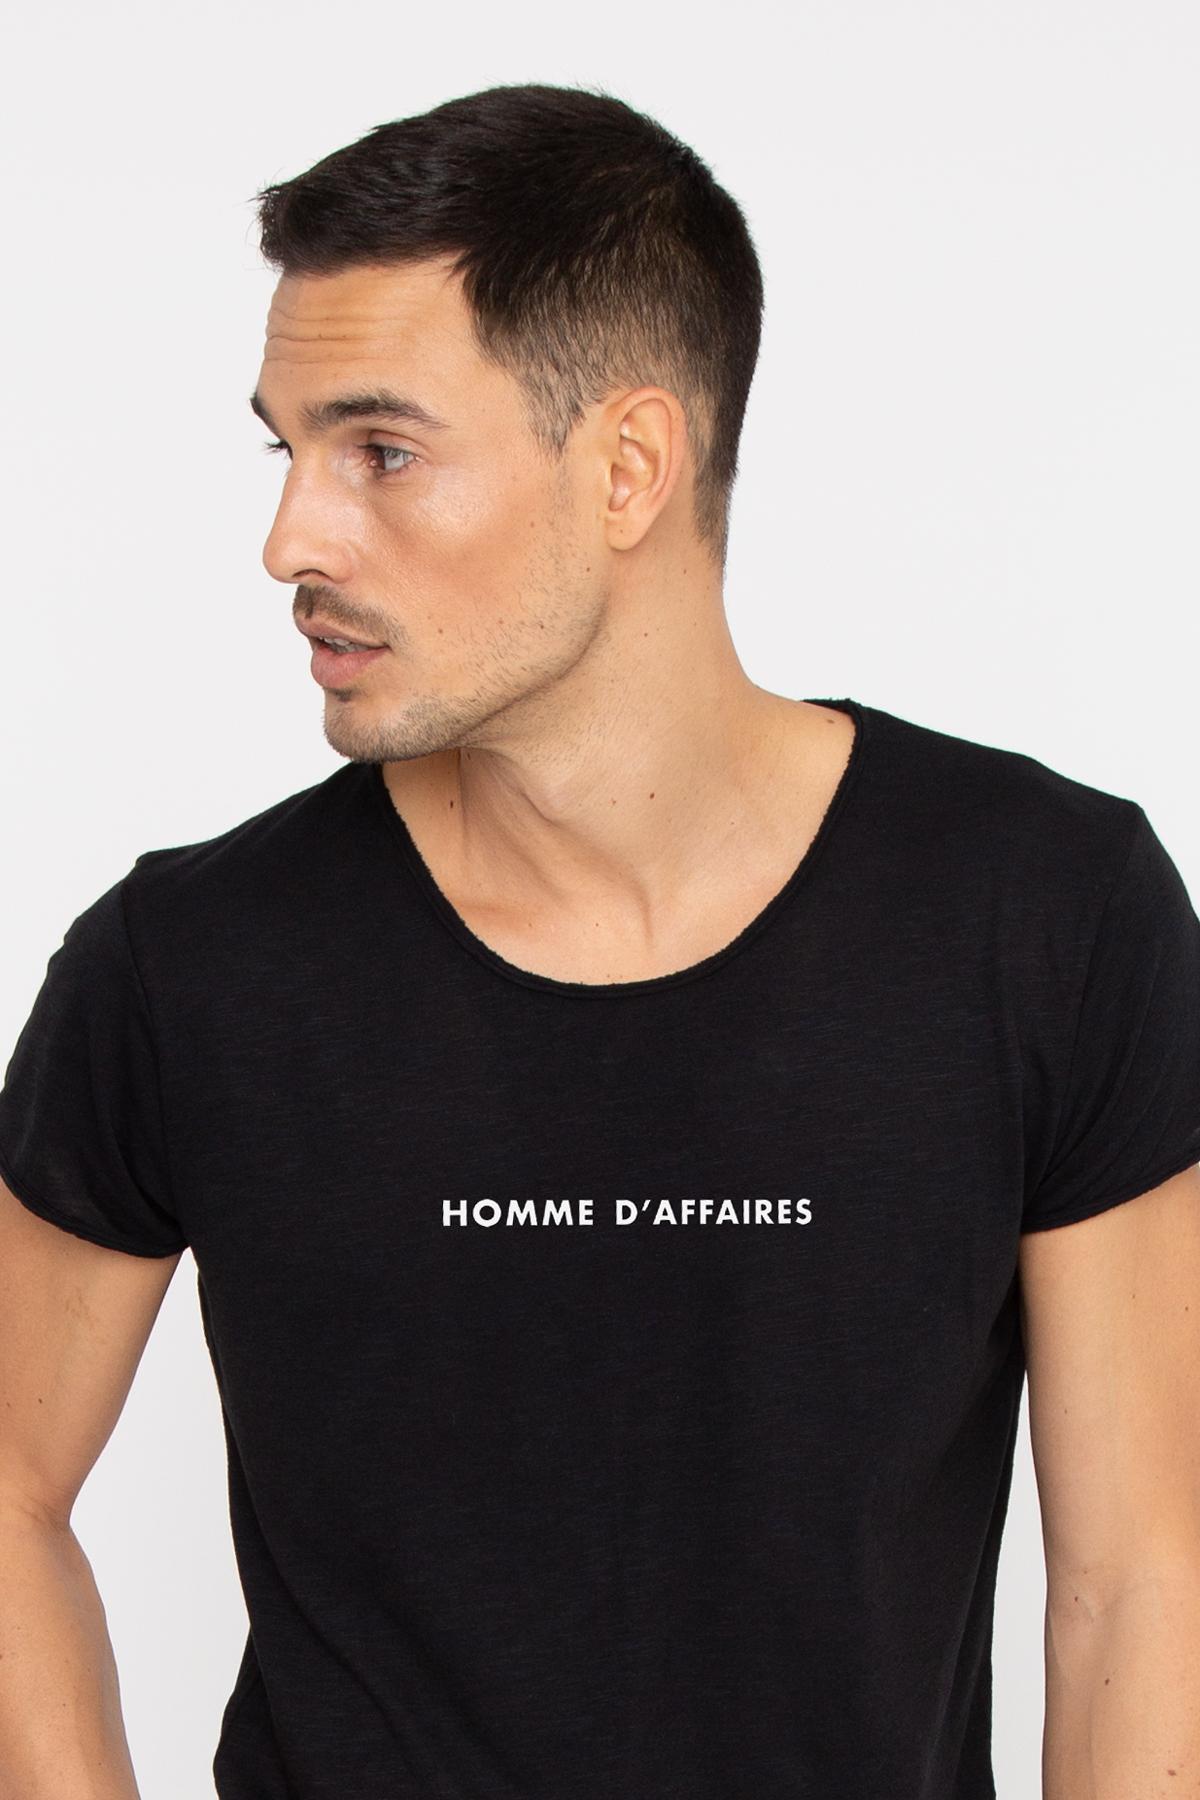 Photo de T-SHIRTS FLAMMÉS Tshirt coton flammé HOMME D'AFFAIRES chez French Disorder